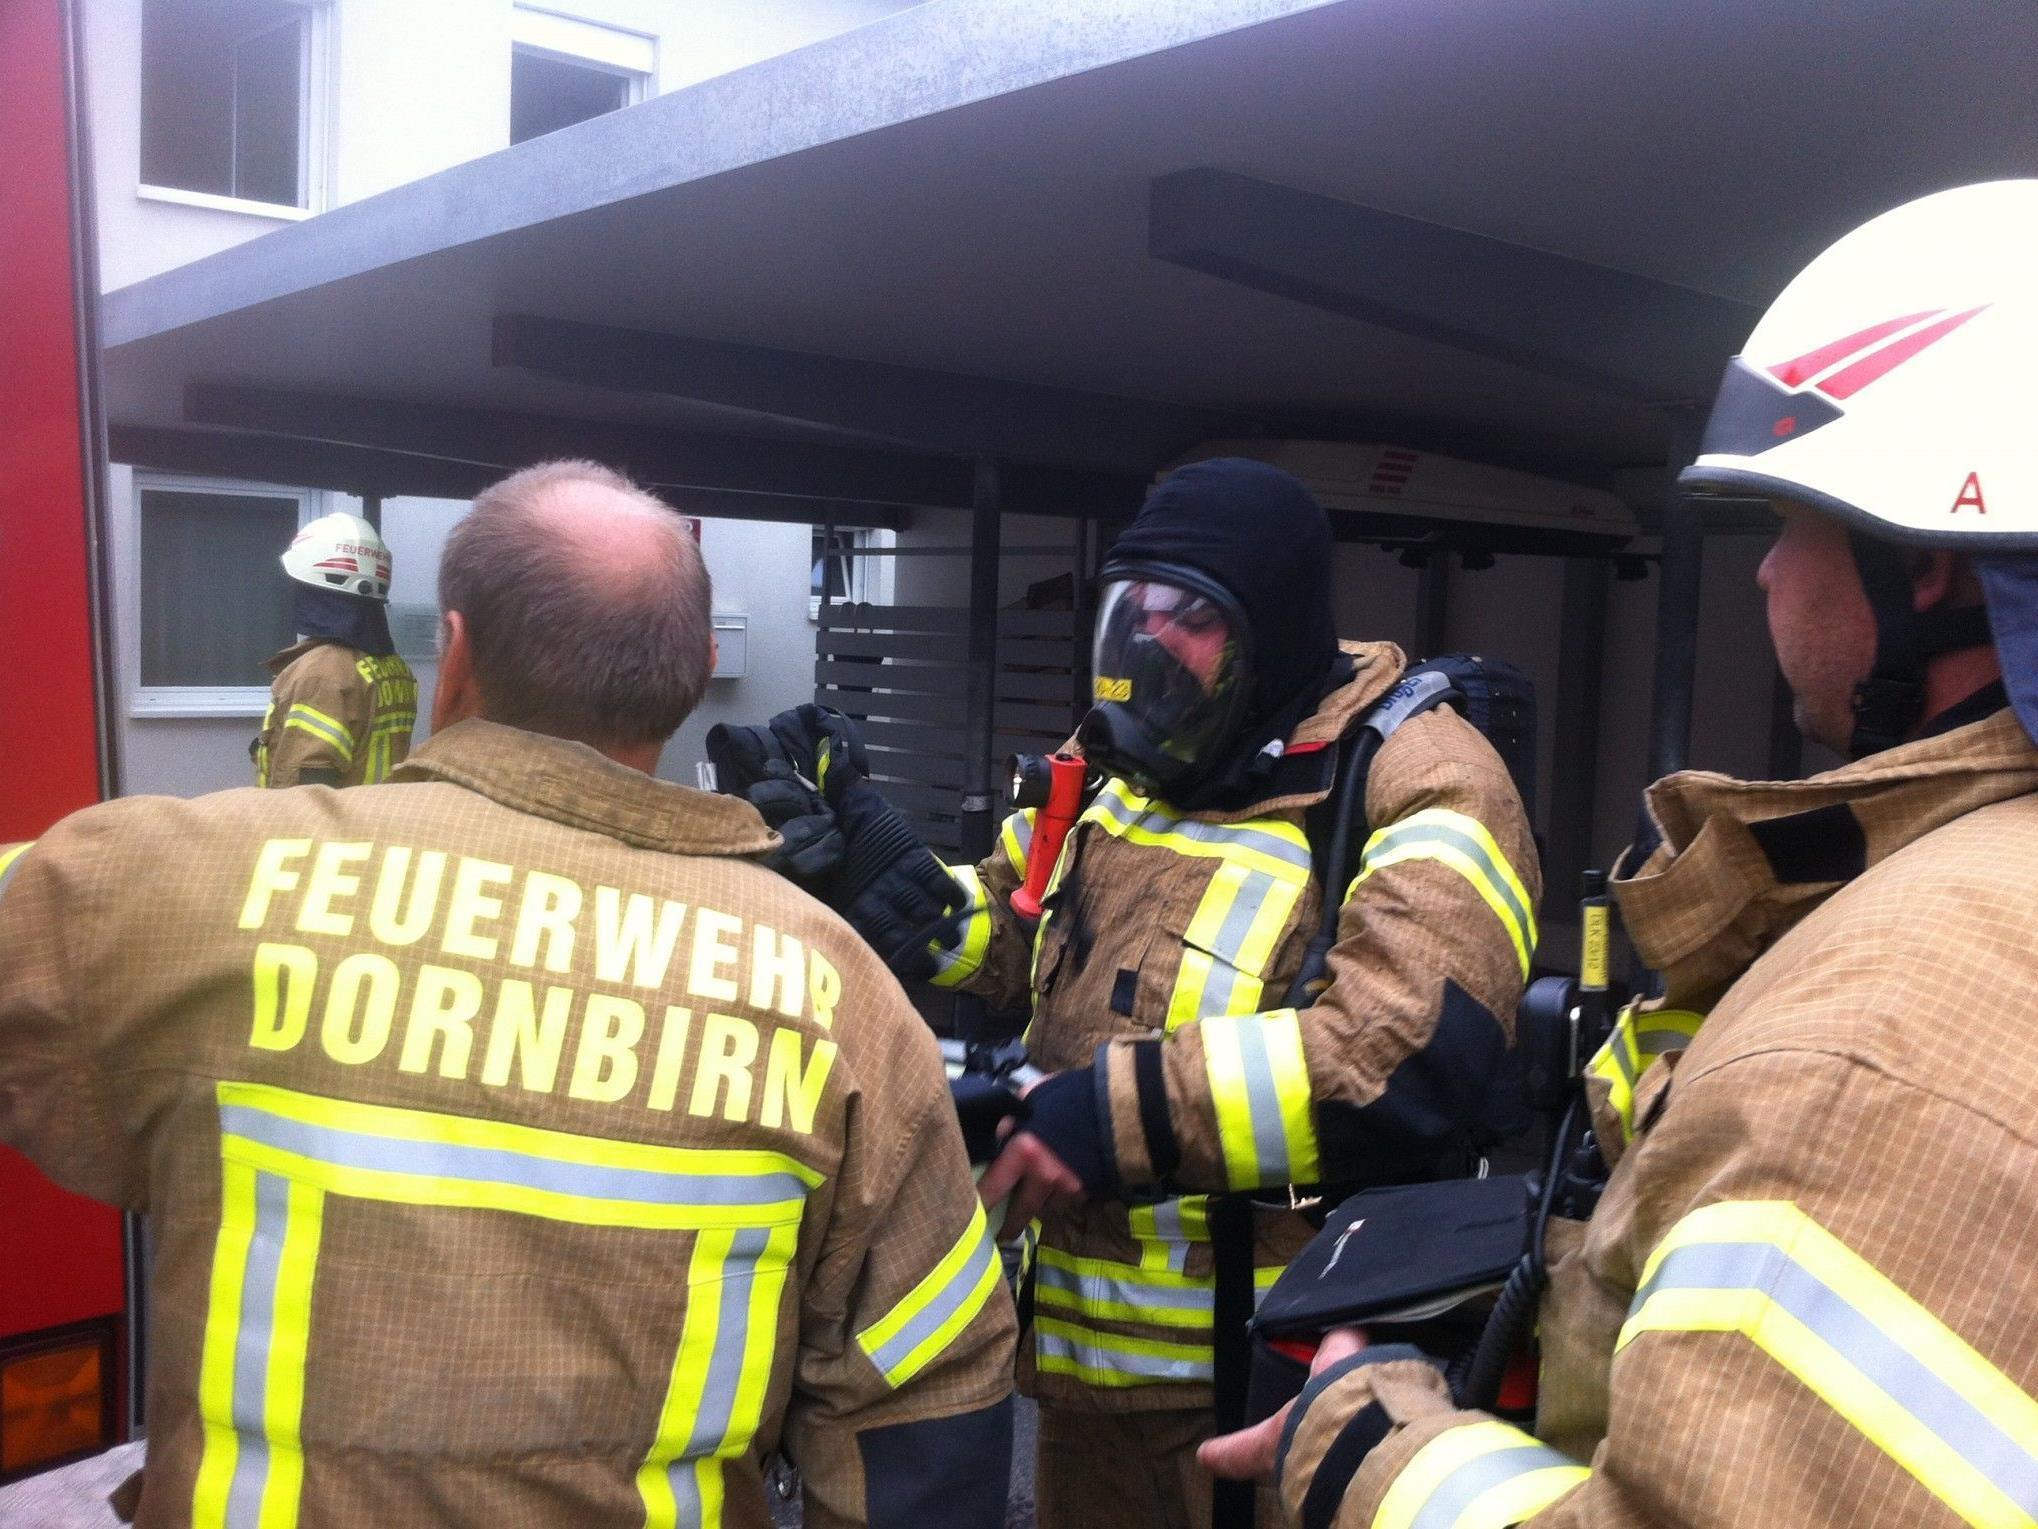 22 Feuerwehrmänner in Dornbirn im Einsatz